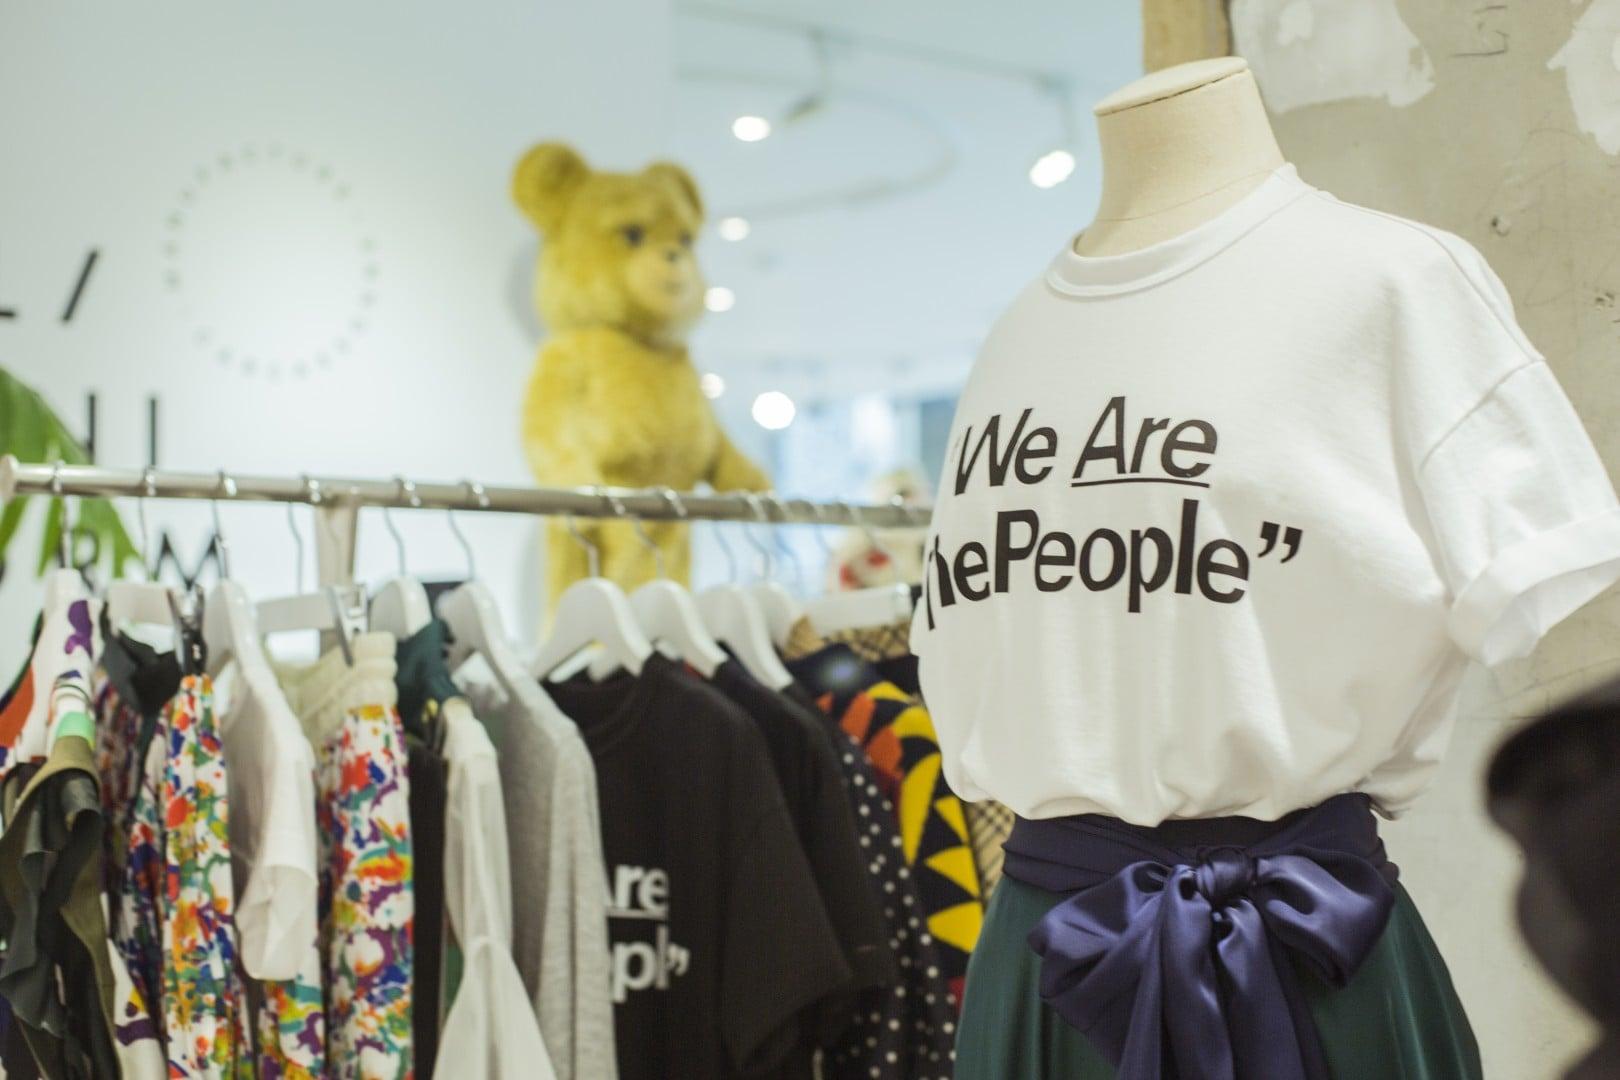 # 團團營運長宋安:買手跟選物店的根本一樣,要懂的「接地氣」才行 2